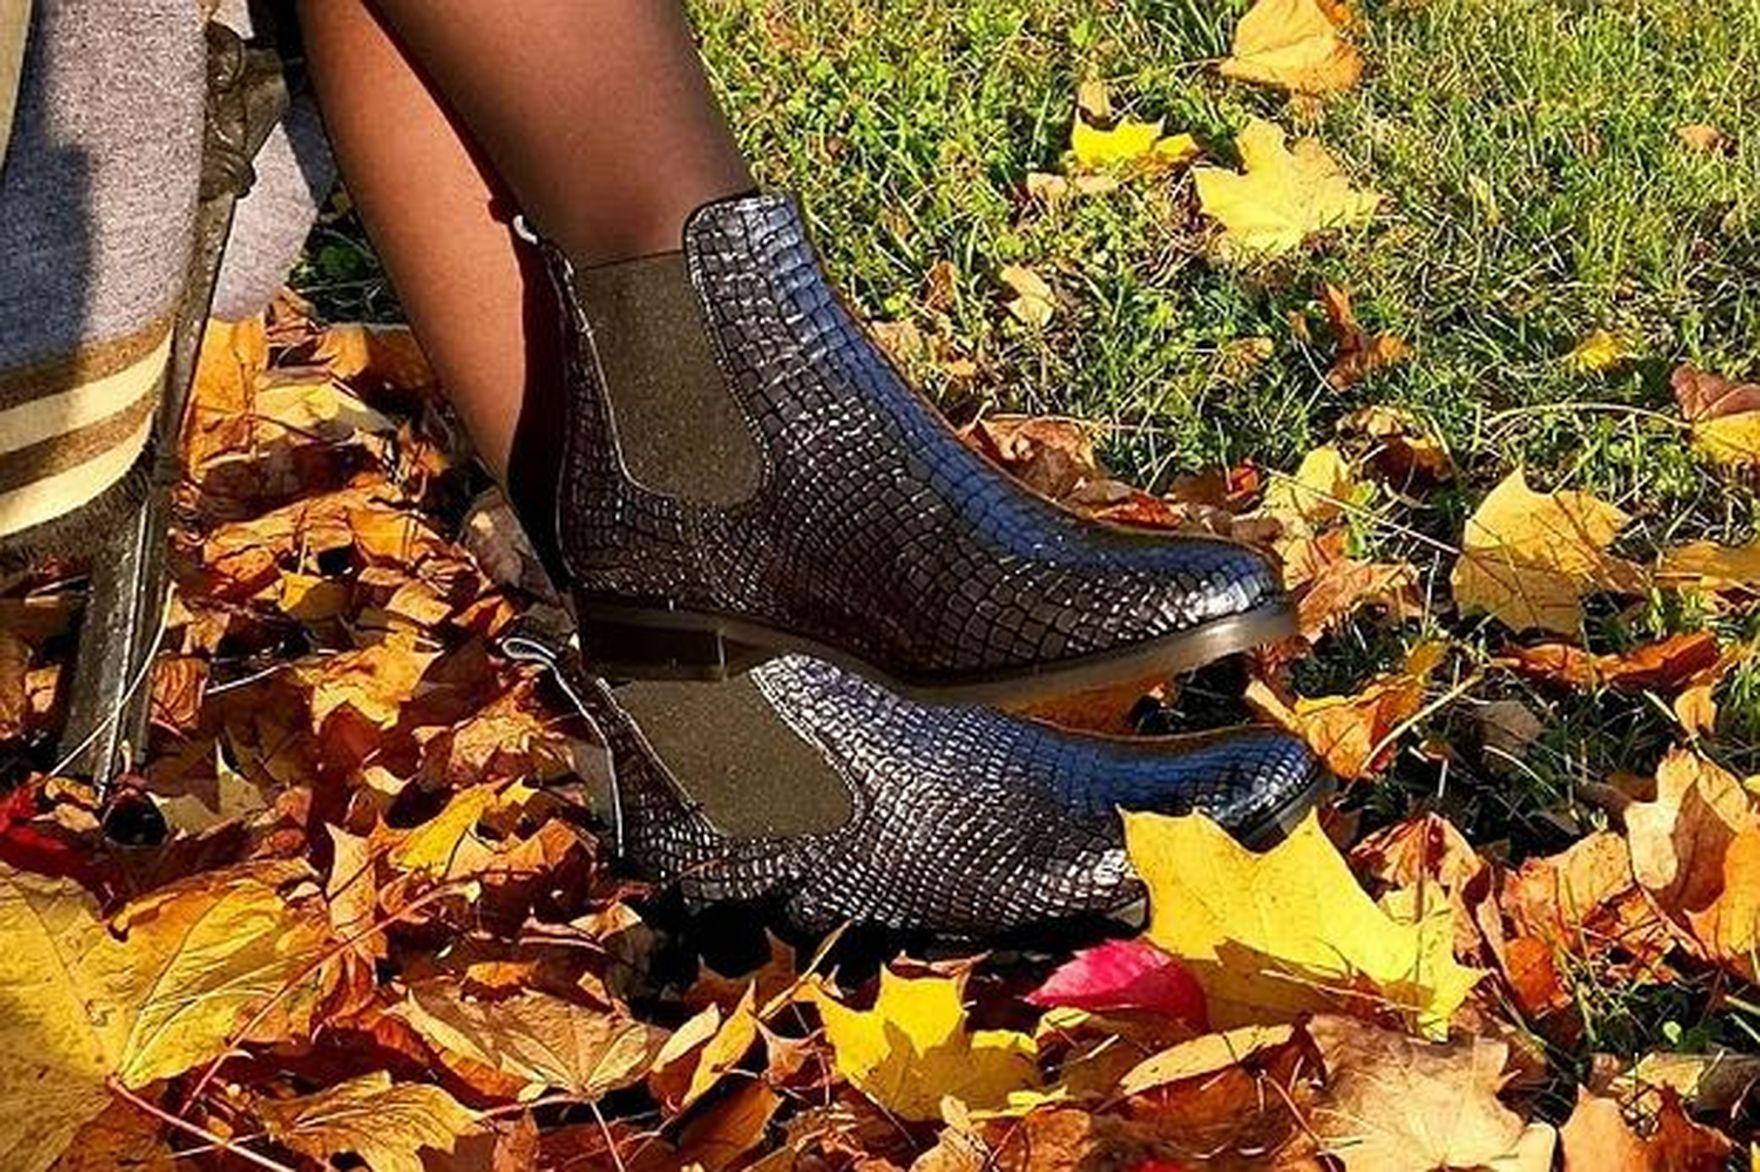 Modne i wygodne buty na jesień 2021? Postaw na kultowe sztyblety. Pasują do wszystkiego